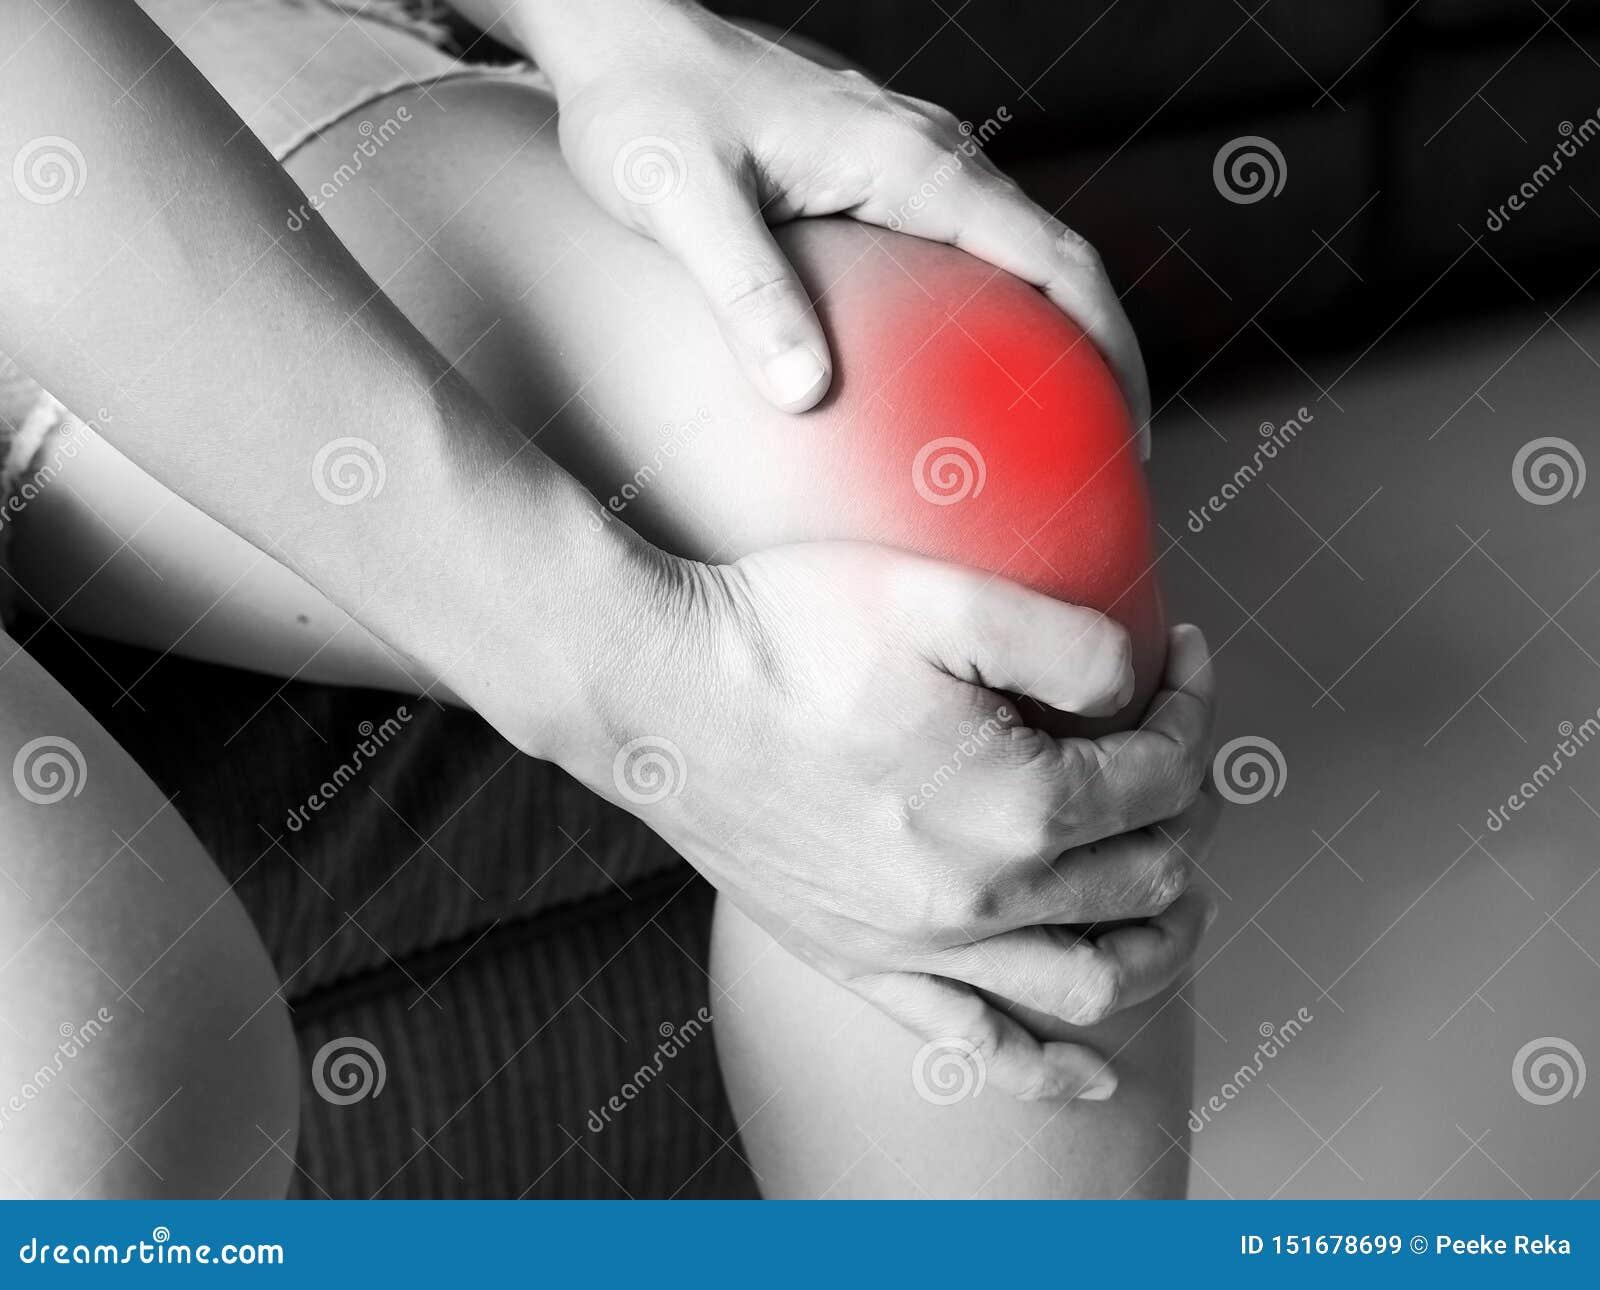 Asiatiska kvinnor har akuta knäskador och att lida från benkramper